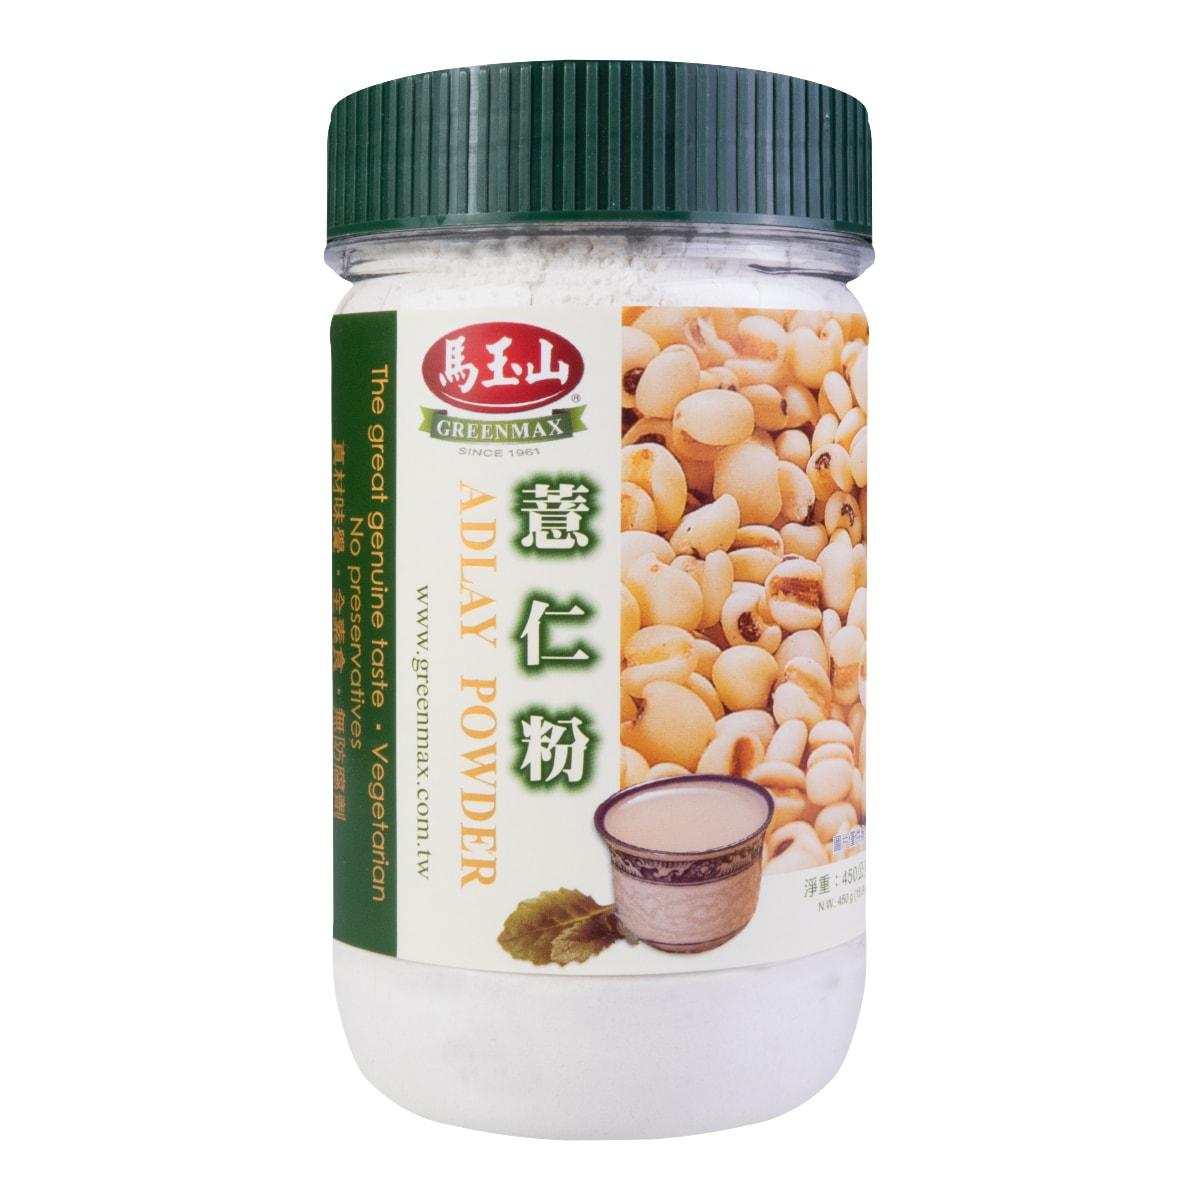 GREENMAX Pearl Barley Powder 450g